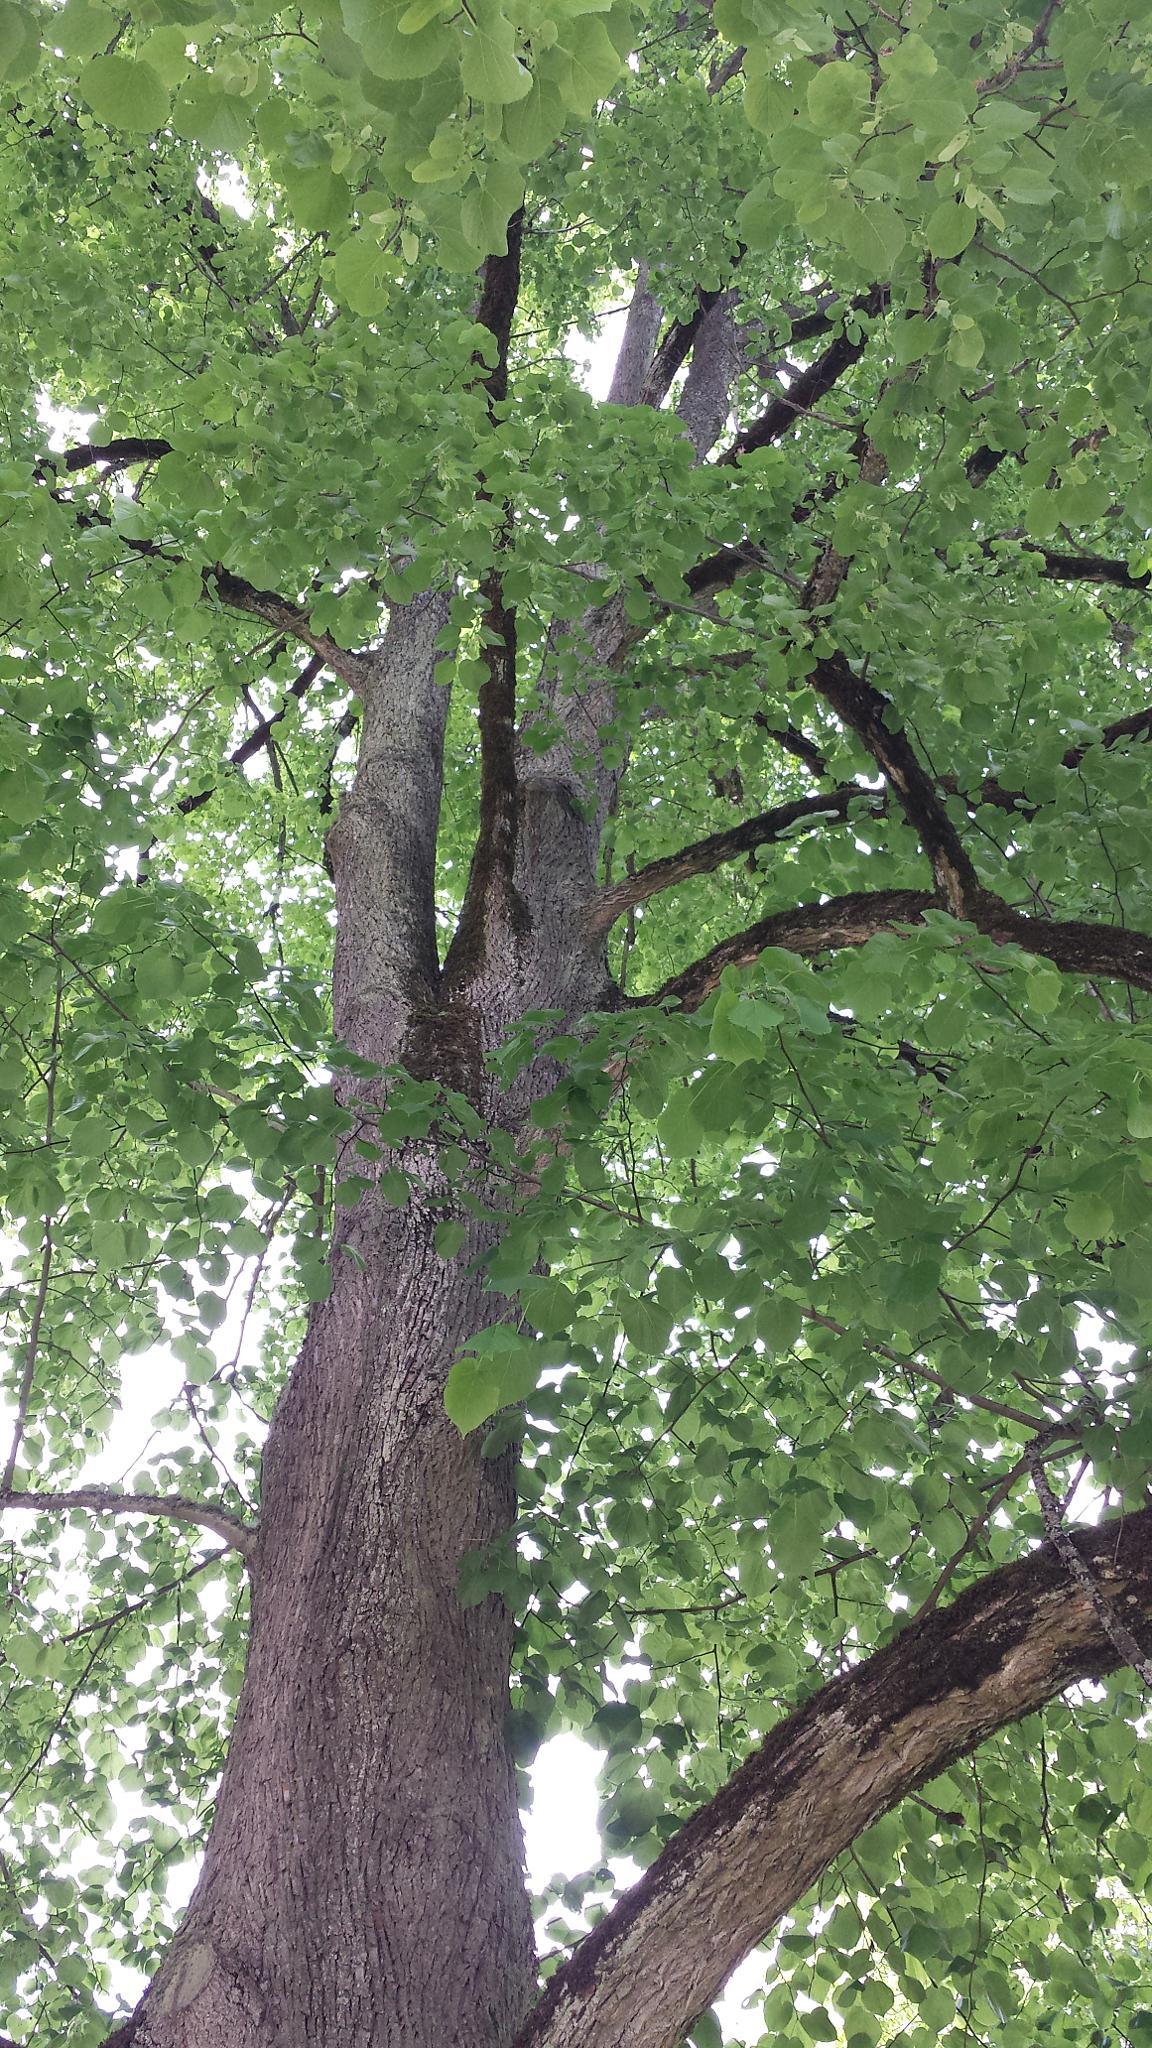 Tree by Elizabeth J Fischer